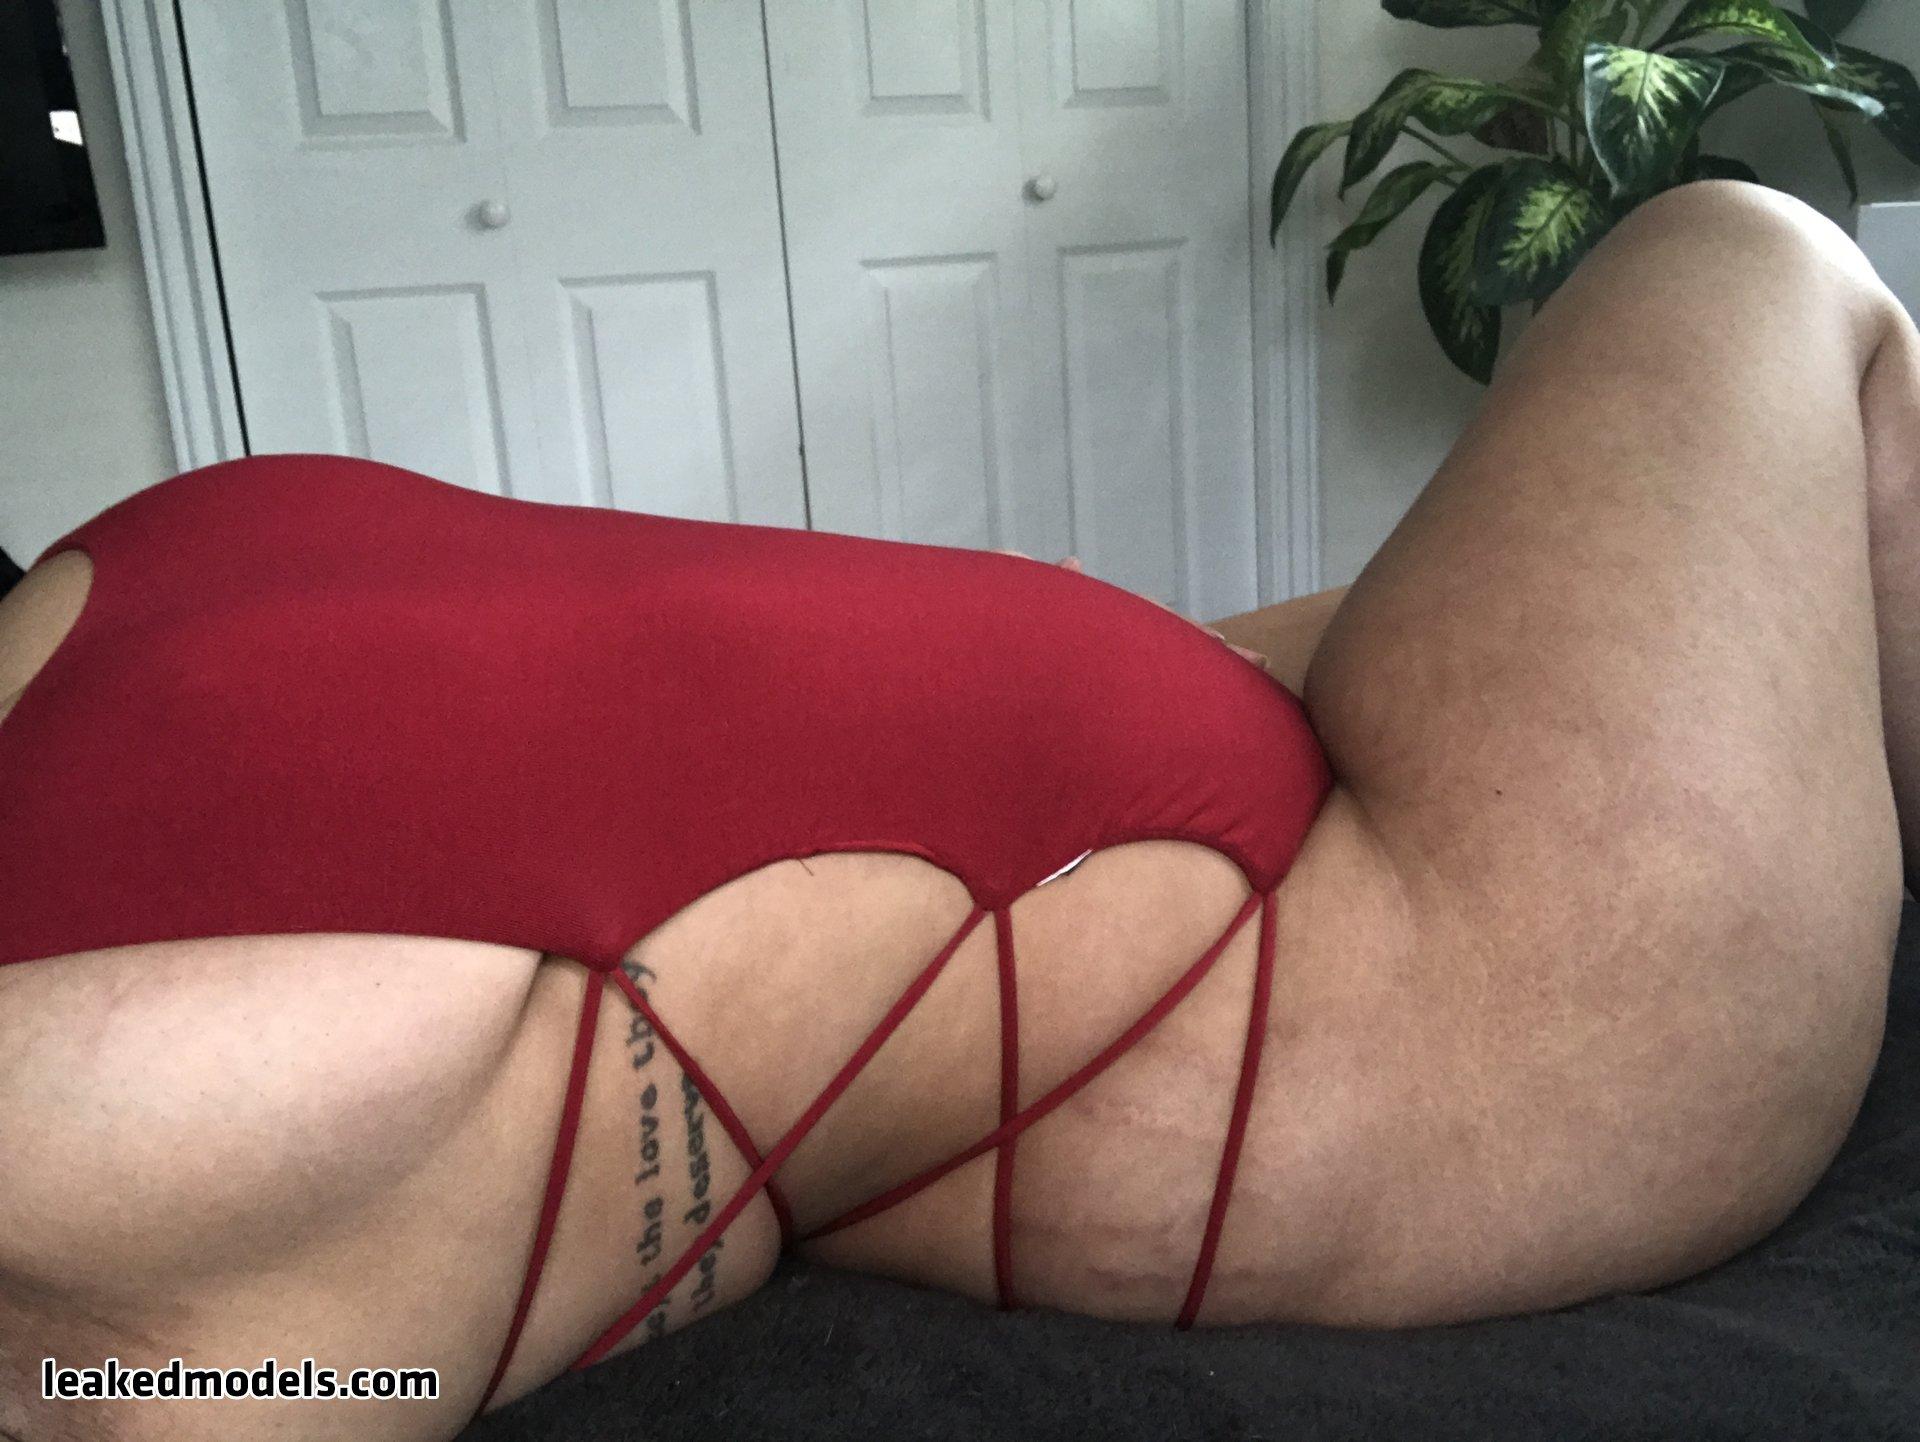 Katie cummings – captainkck OnlyFans Nude Leaks (27 Photos)